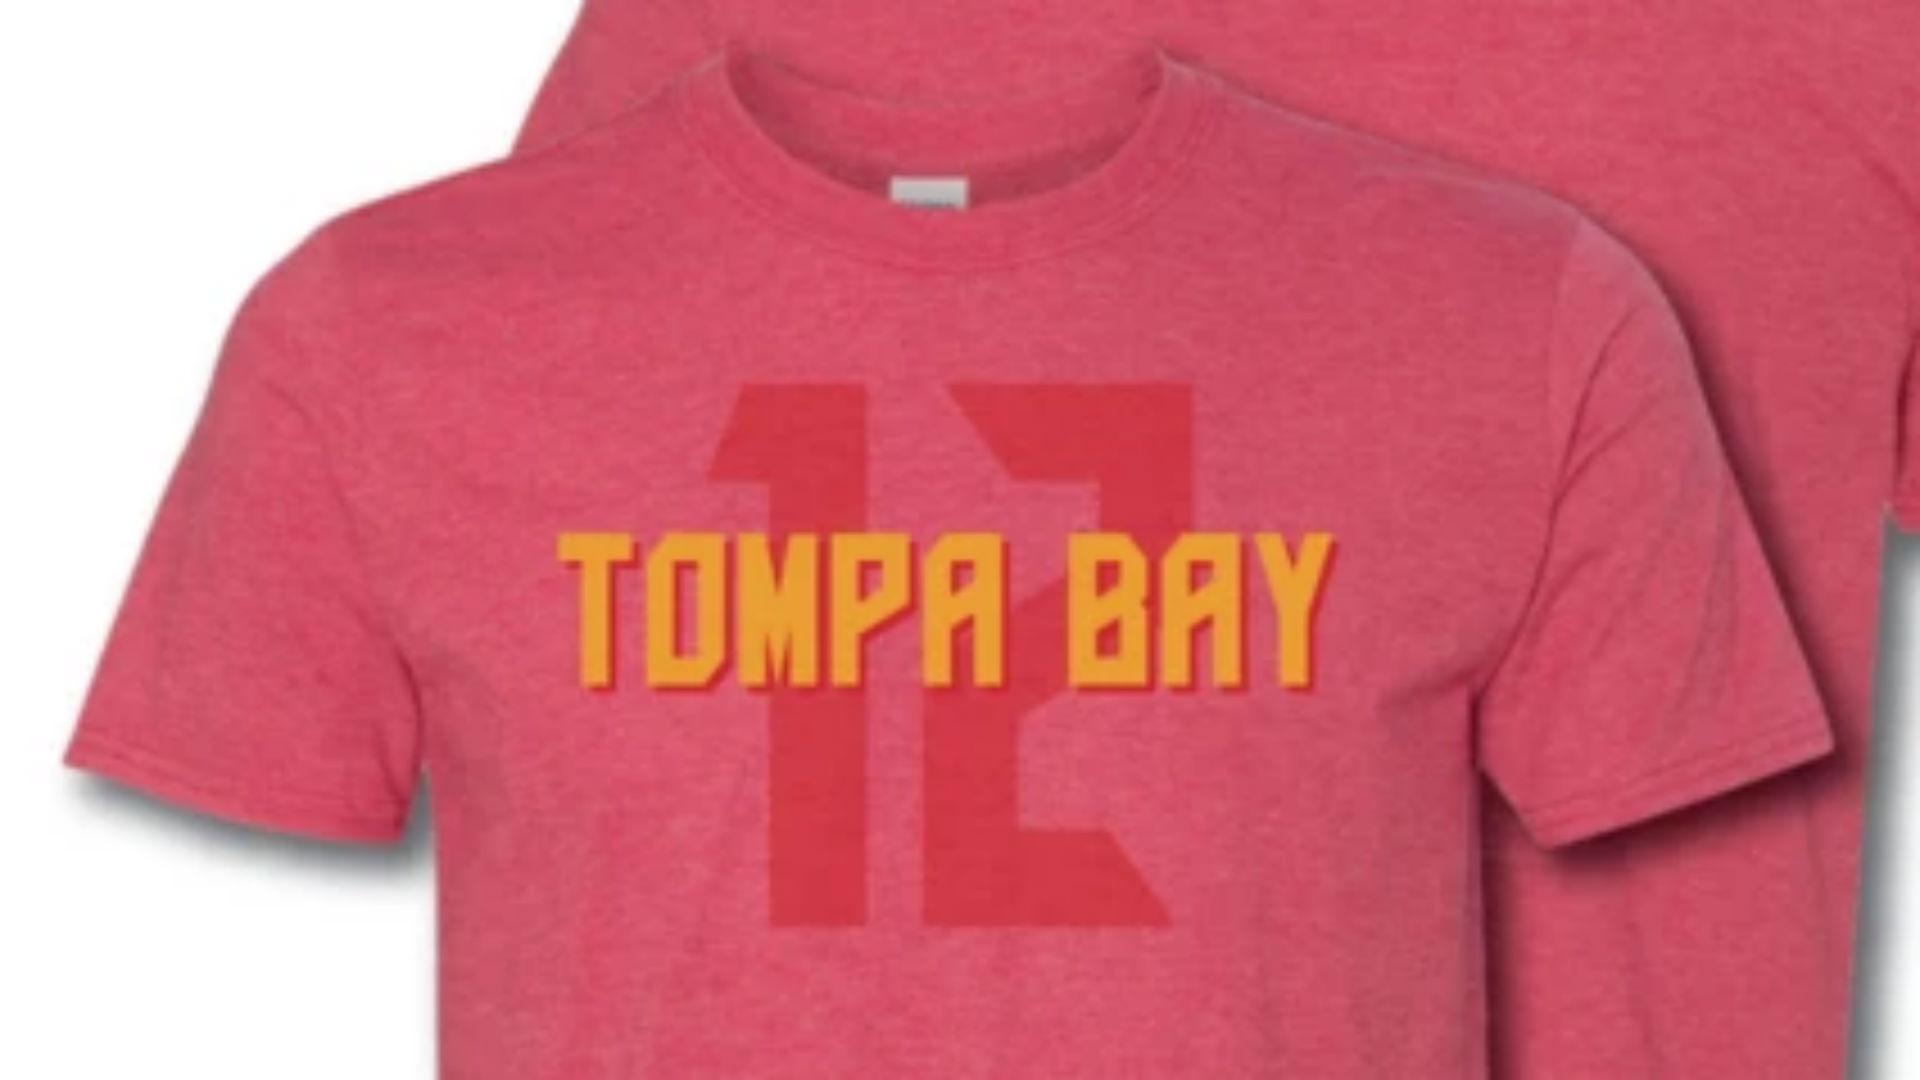 La marca 'Tompa Bay' de Tom Brady abre las compuertas para bromas en Twitter 51